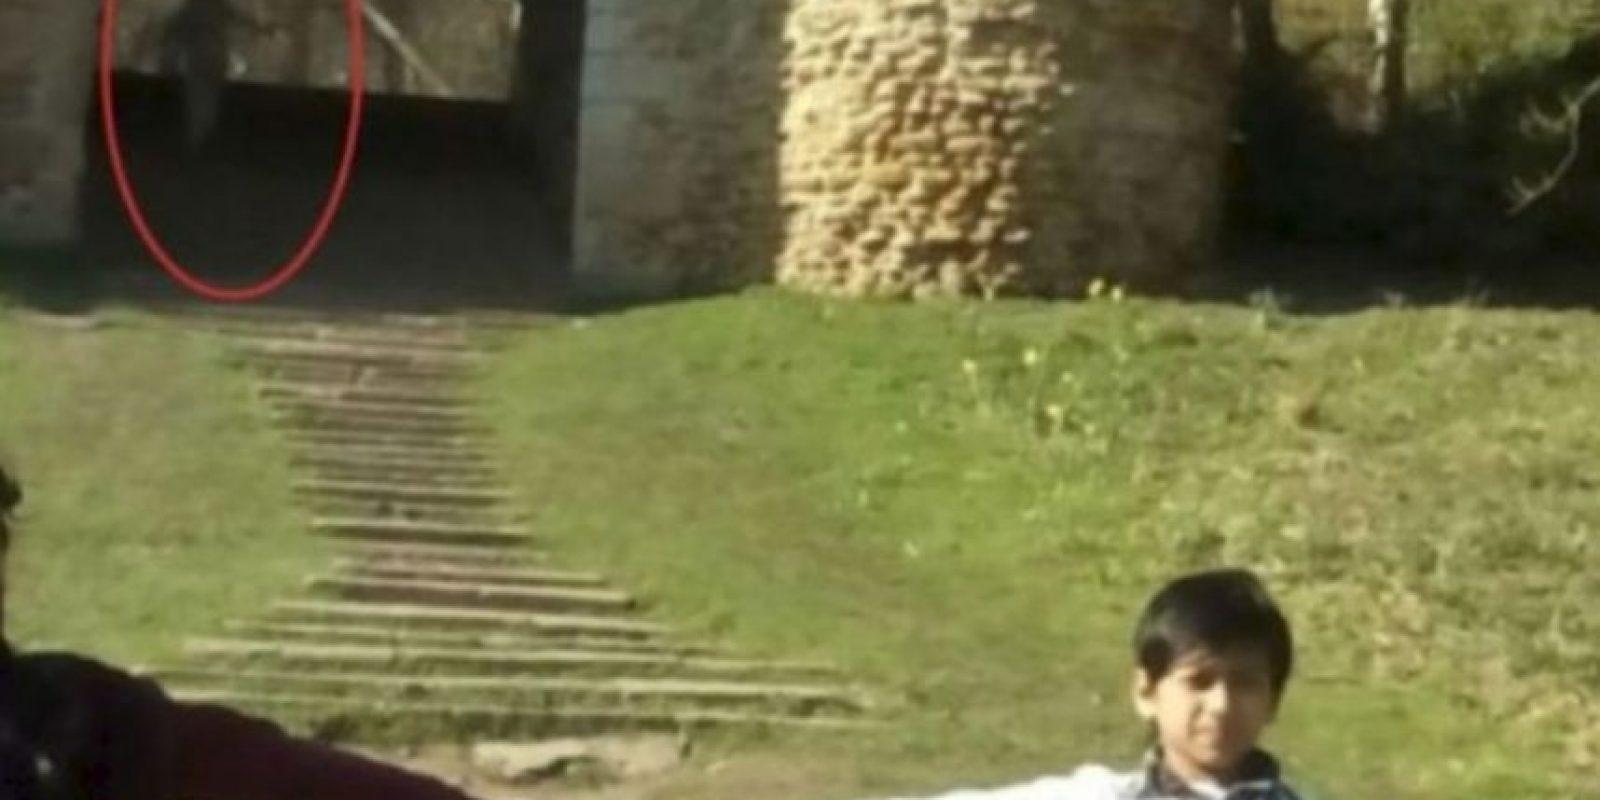 """En dicha fotografía aparecen dos pequeños, Mayrian Islam de 11 y Ryhan Kaliq de siete, frente a las ruinas. Al respecto, la tía de los pequeños, Nurul Islam, mencionó que ni siquiera desea ver nuevamente la foto, pues le parece """"espeluznante"""", compartió el diario británico """"Yorkshire Evening Post"""". Foto:Vía Yorkeshire"""